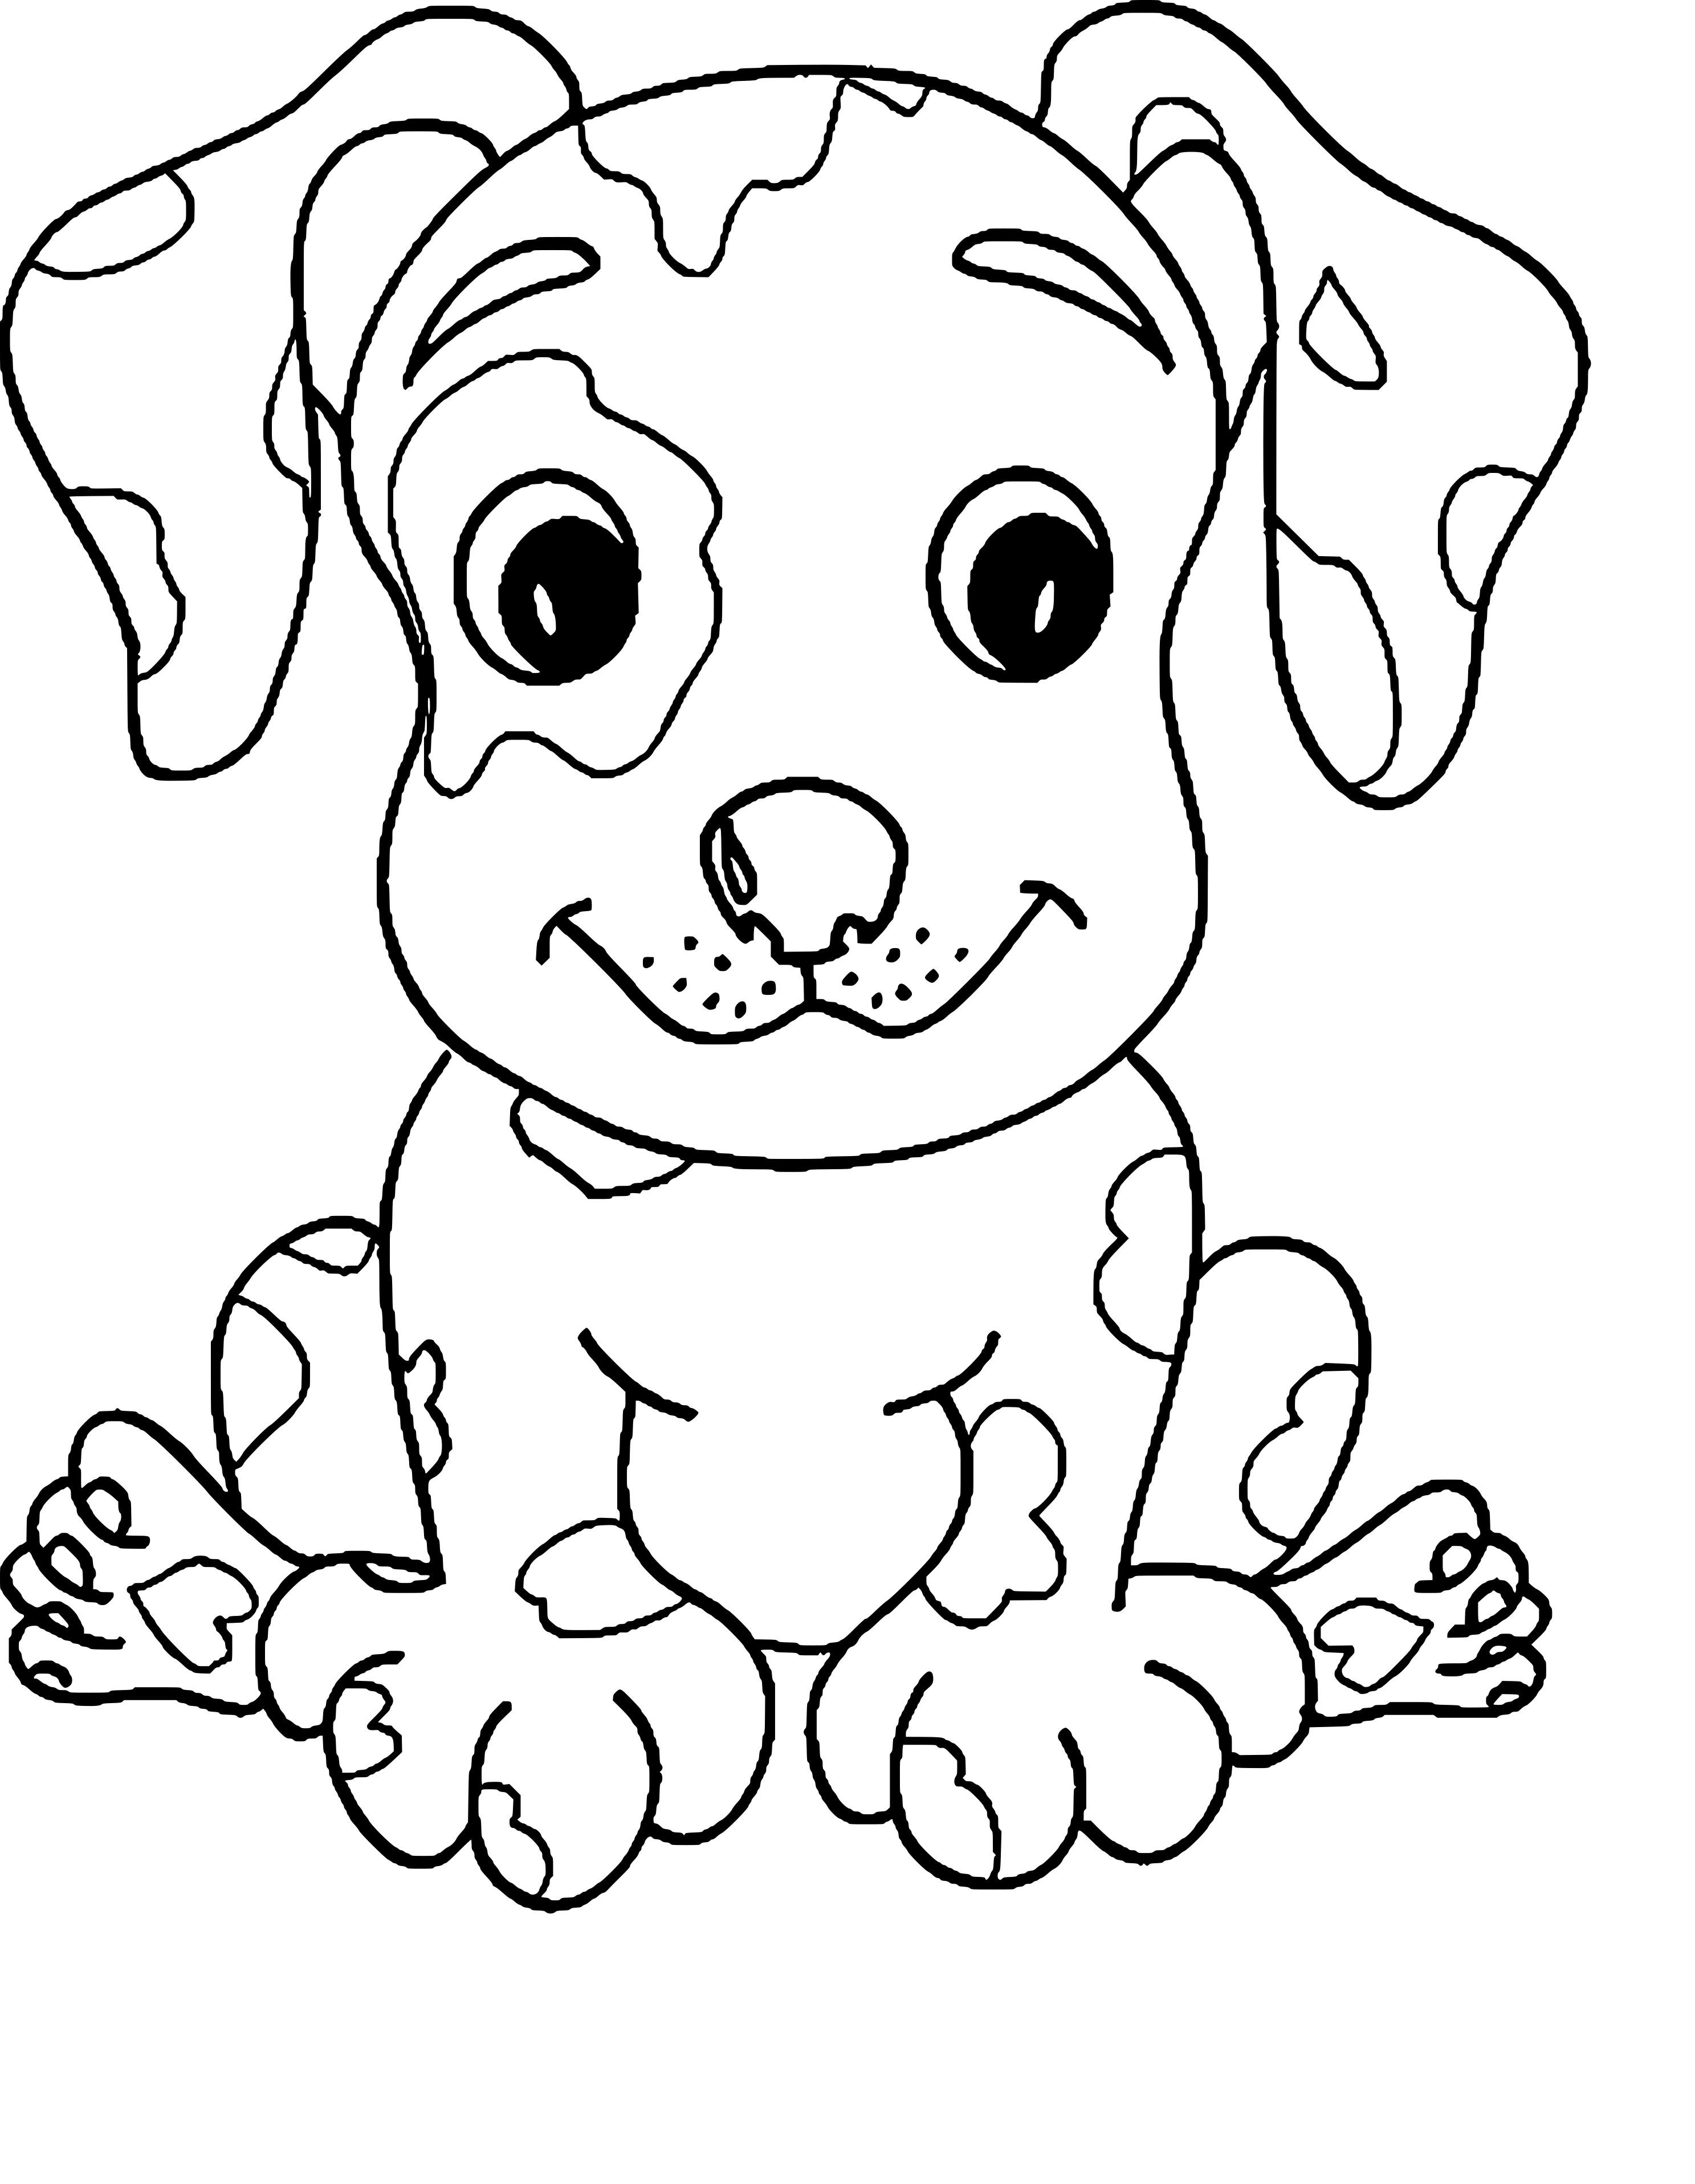 Coloriage Bébé Labrador À Imprimer Sur Coloriages tout Coloriage Labrador